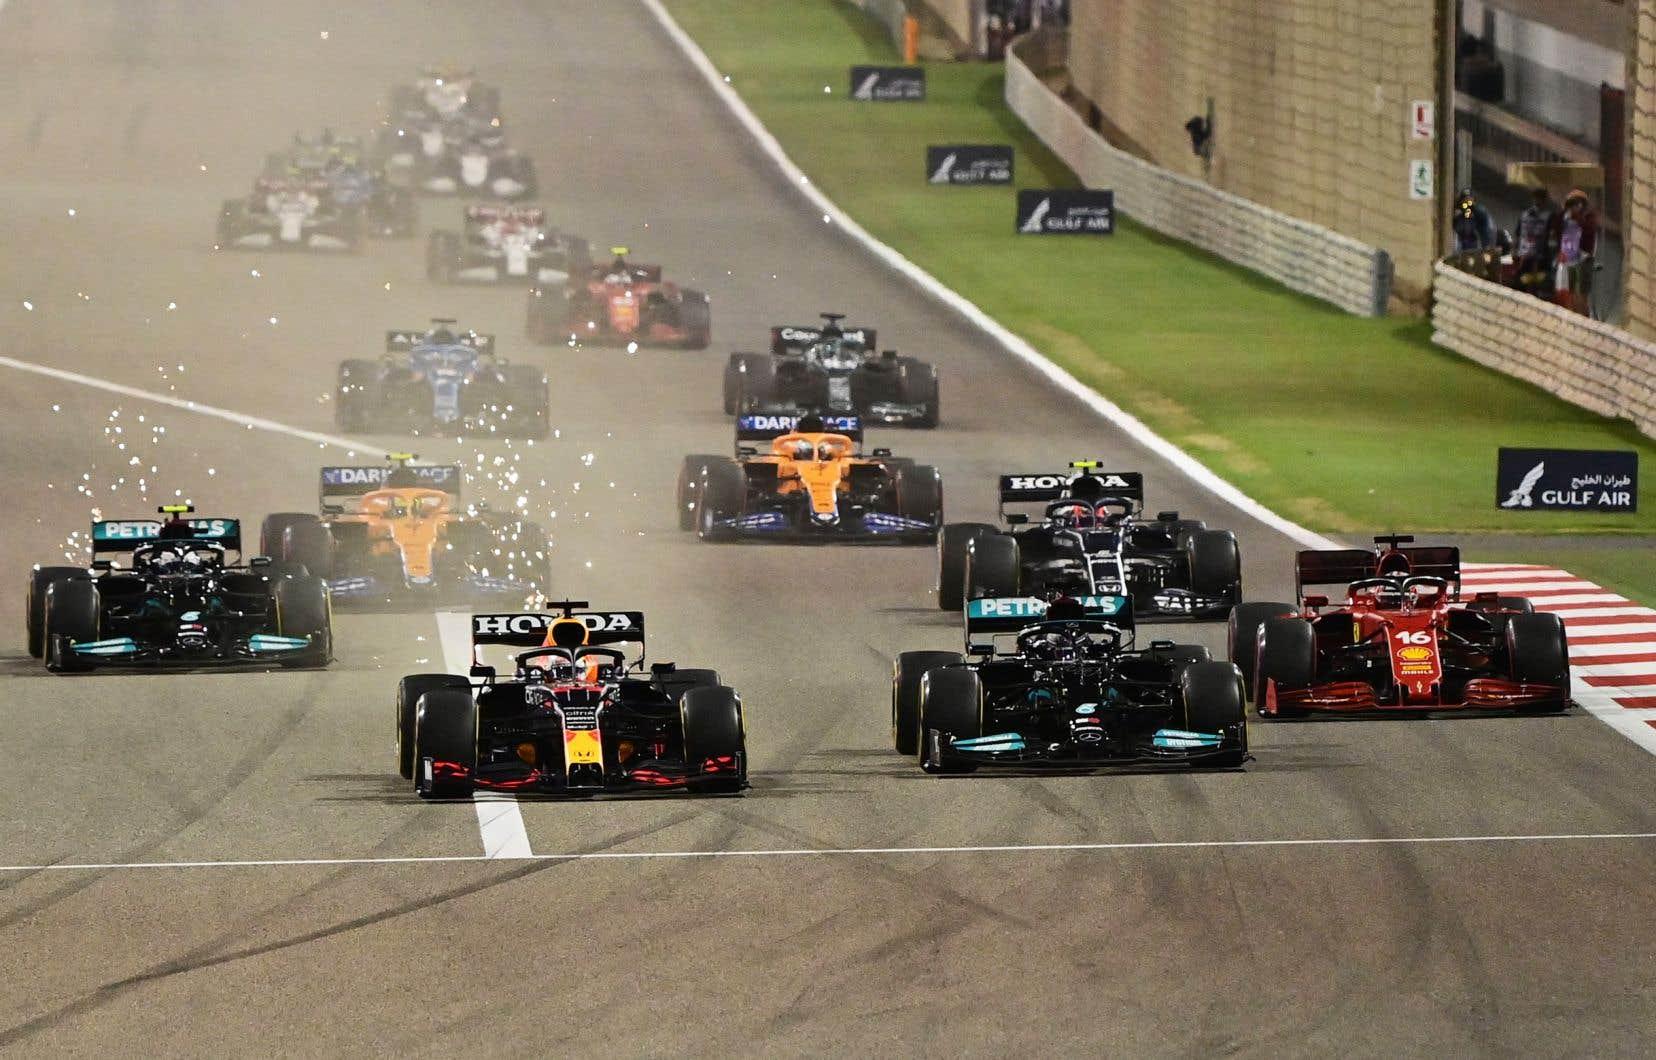 «La F1 se montre plus forte que jamais avec toutes les parties prenantes travaillant de manière unie (...)», ajoute Jean Todt, le président de la Fédération internationale de l'automobile (FIA).